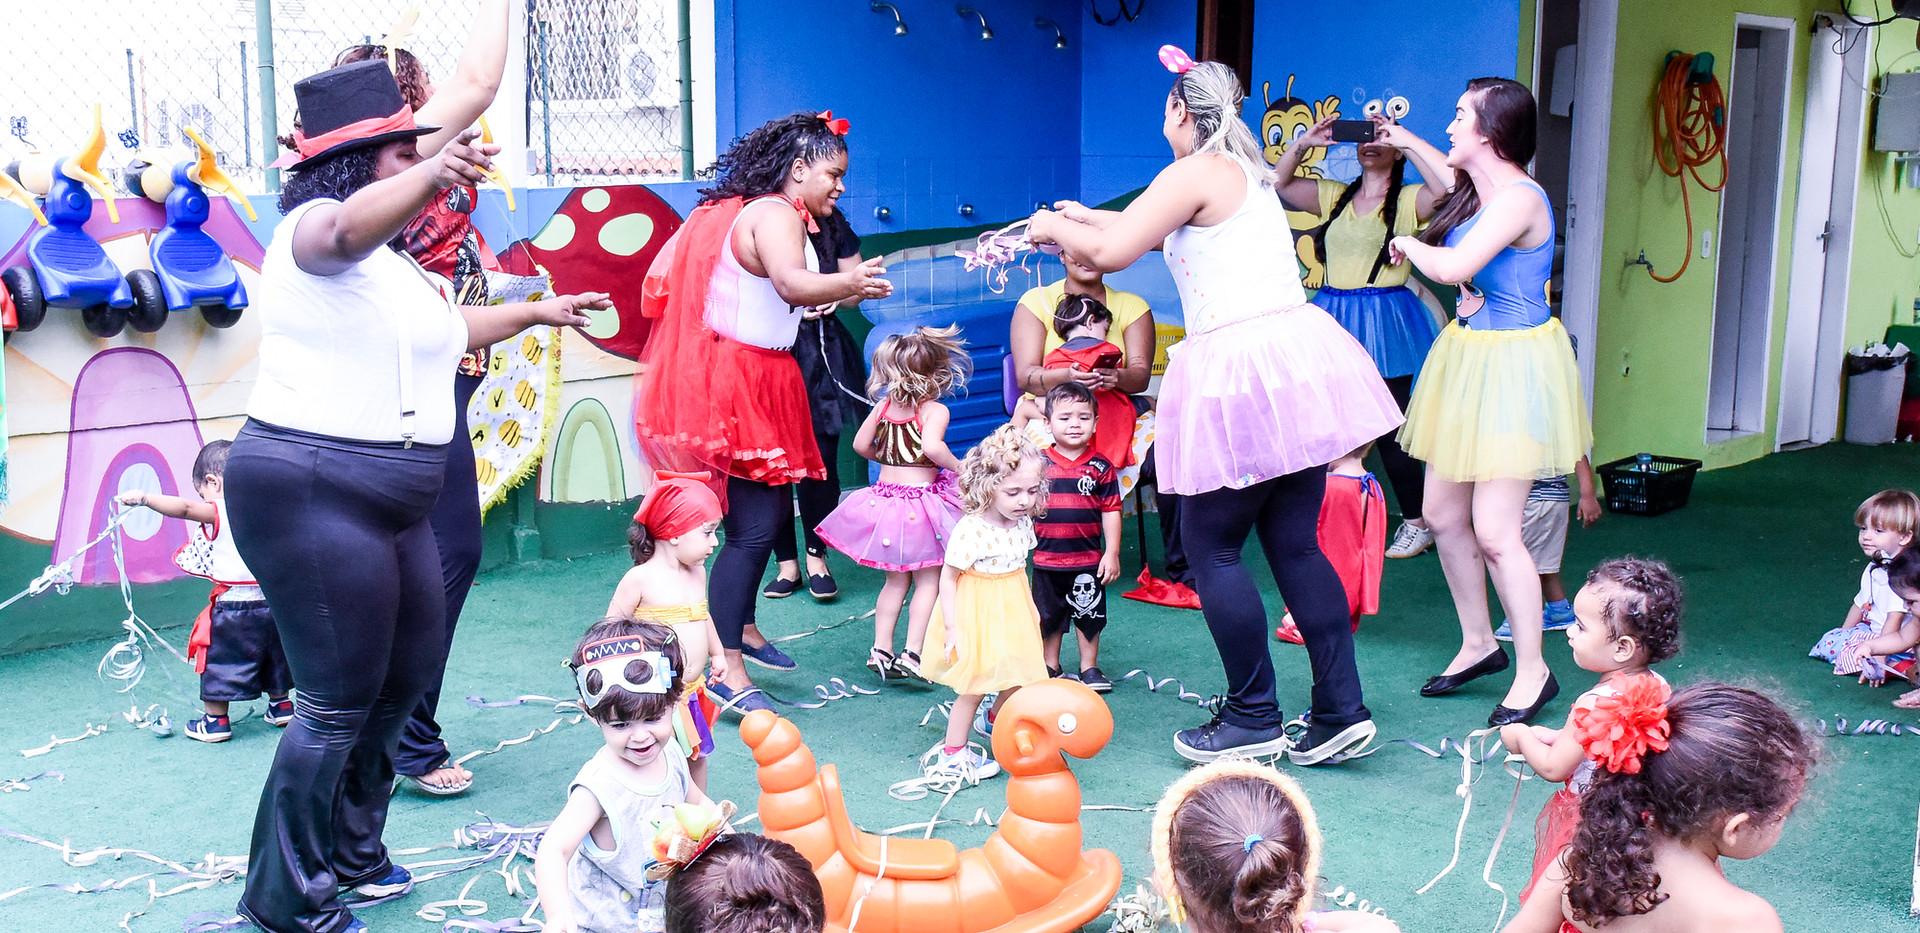 02 carnaval 2020 vila